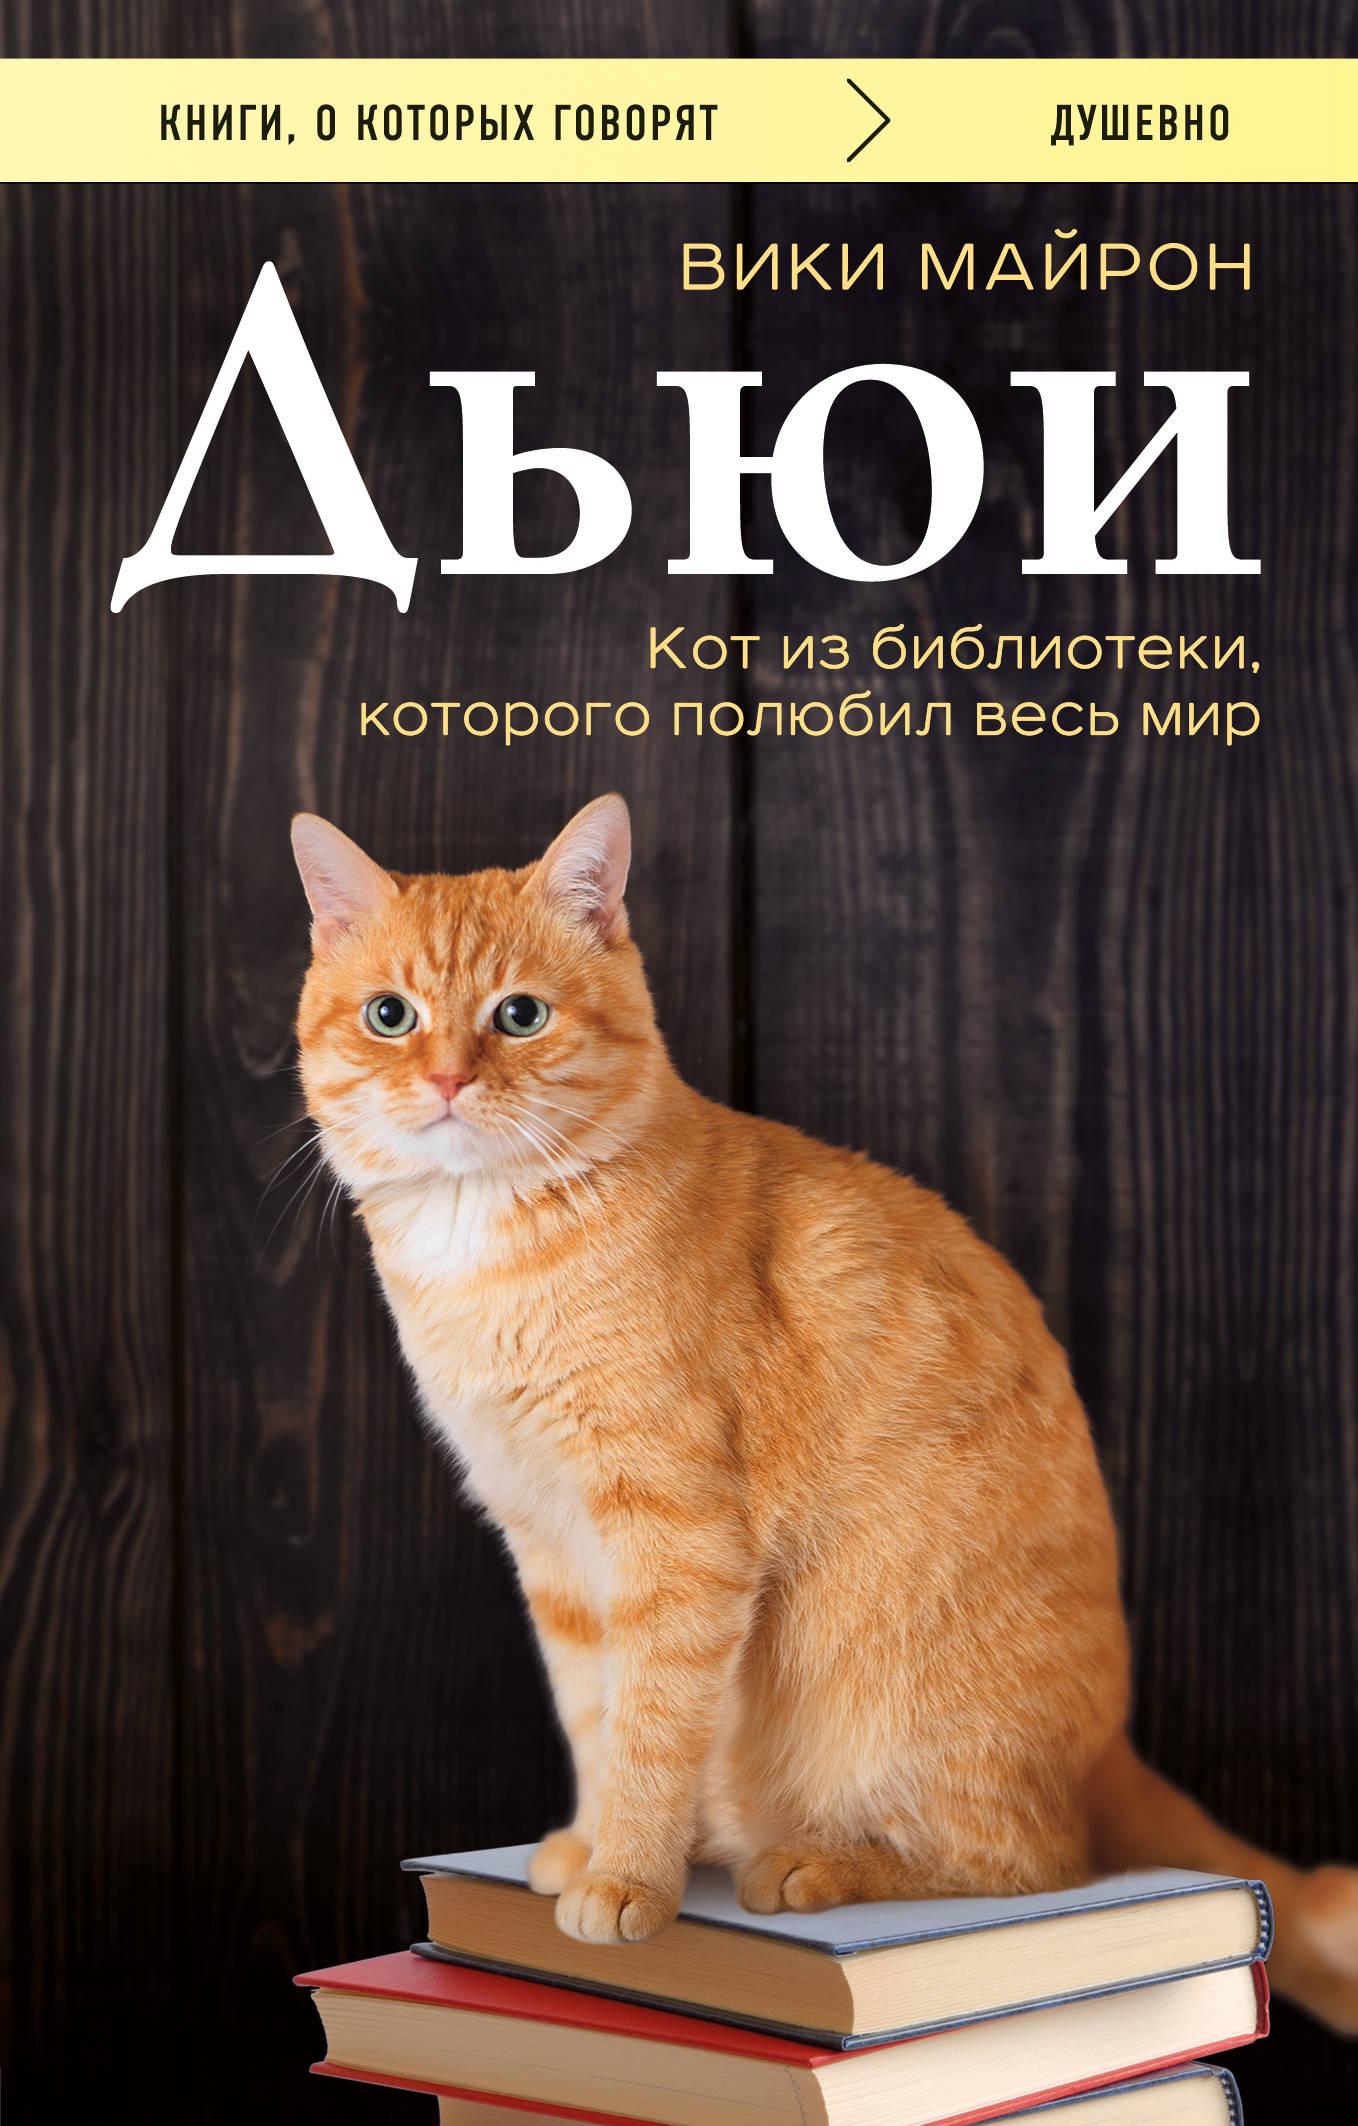 Вики Майрон Дьюи. Кот из библиотеки, которого полюбил весь мир